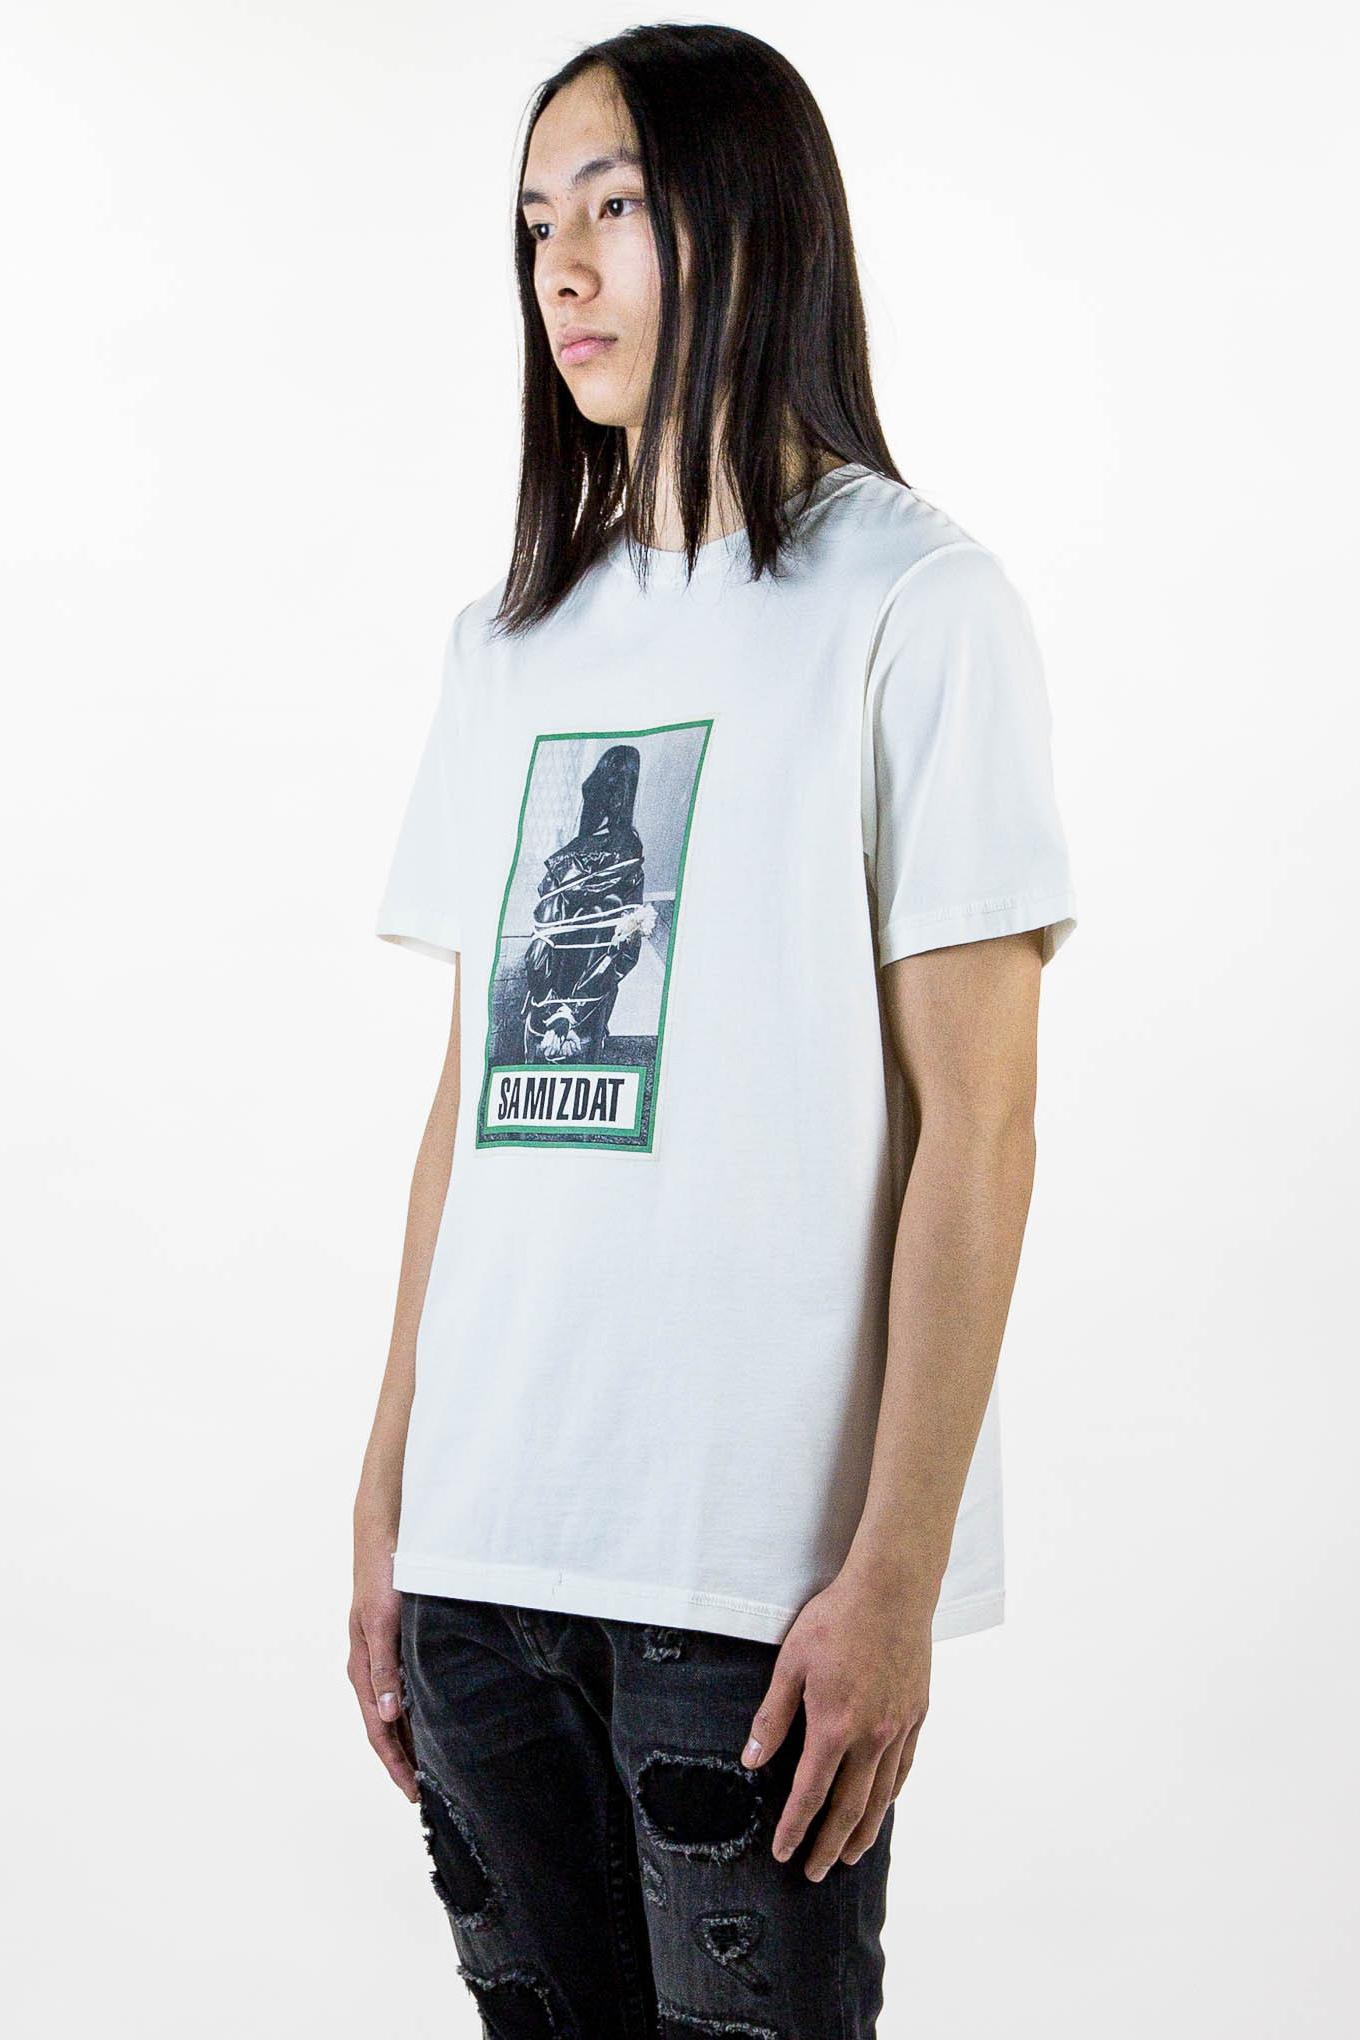 Yang Li SAMIZDAT T-shirt Hoodie Tote Lighter - 1844533